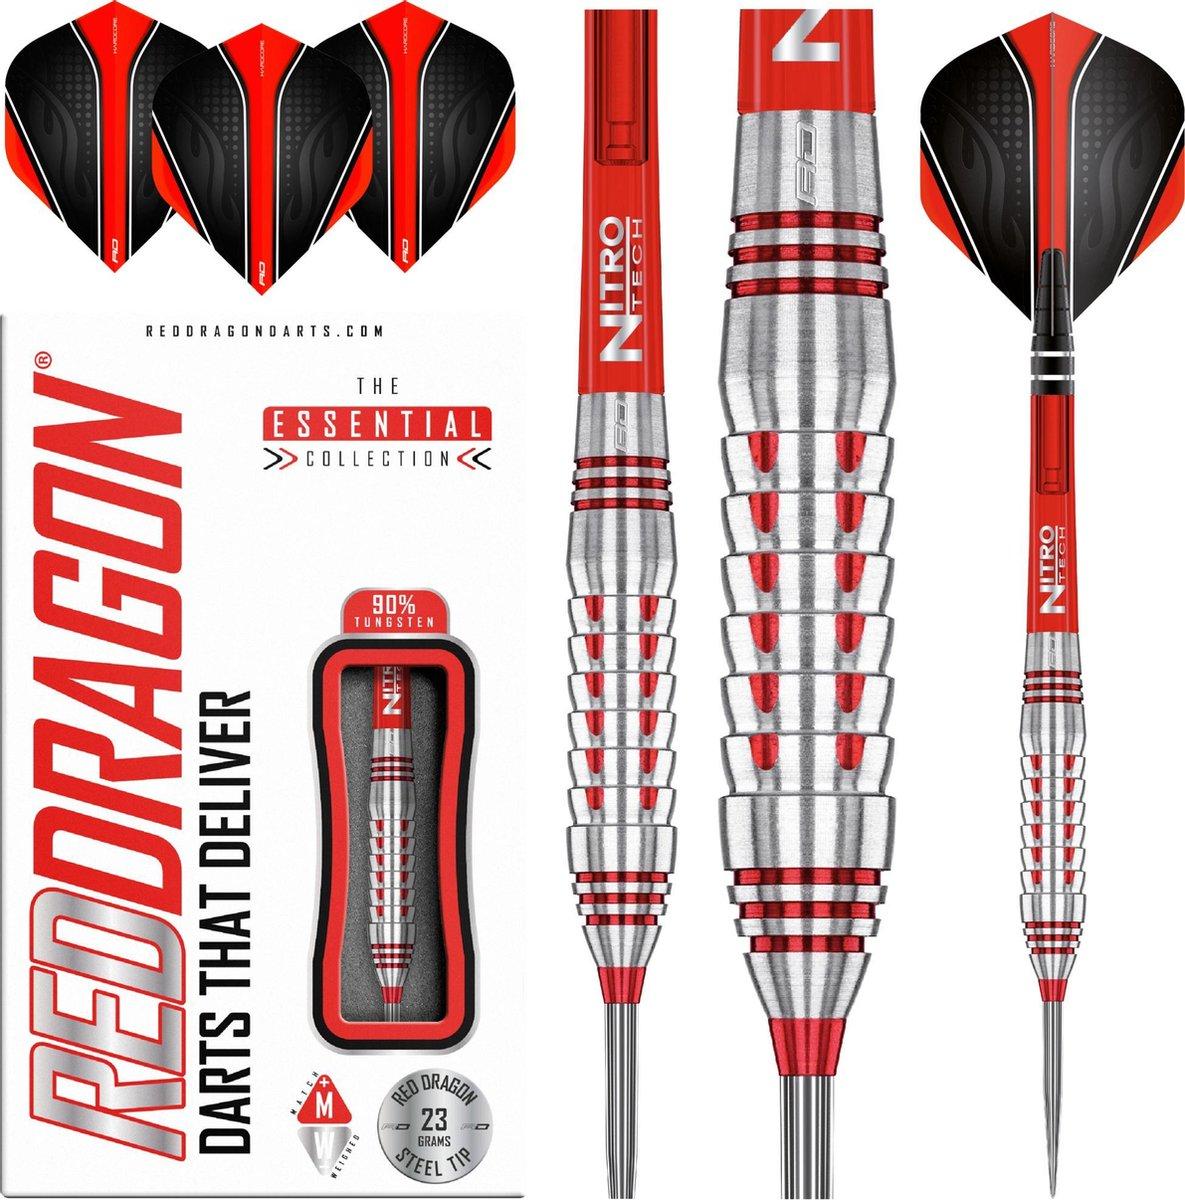 RED DRAGON - Firebird: Steeltip Tungsten Dartpijlen Professioneel - 23 gram